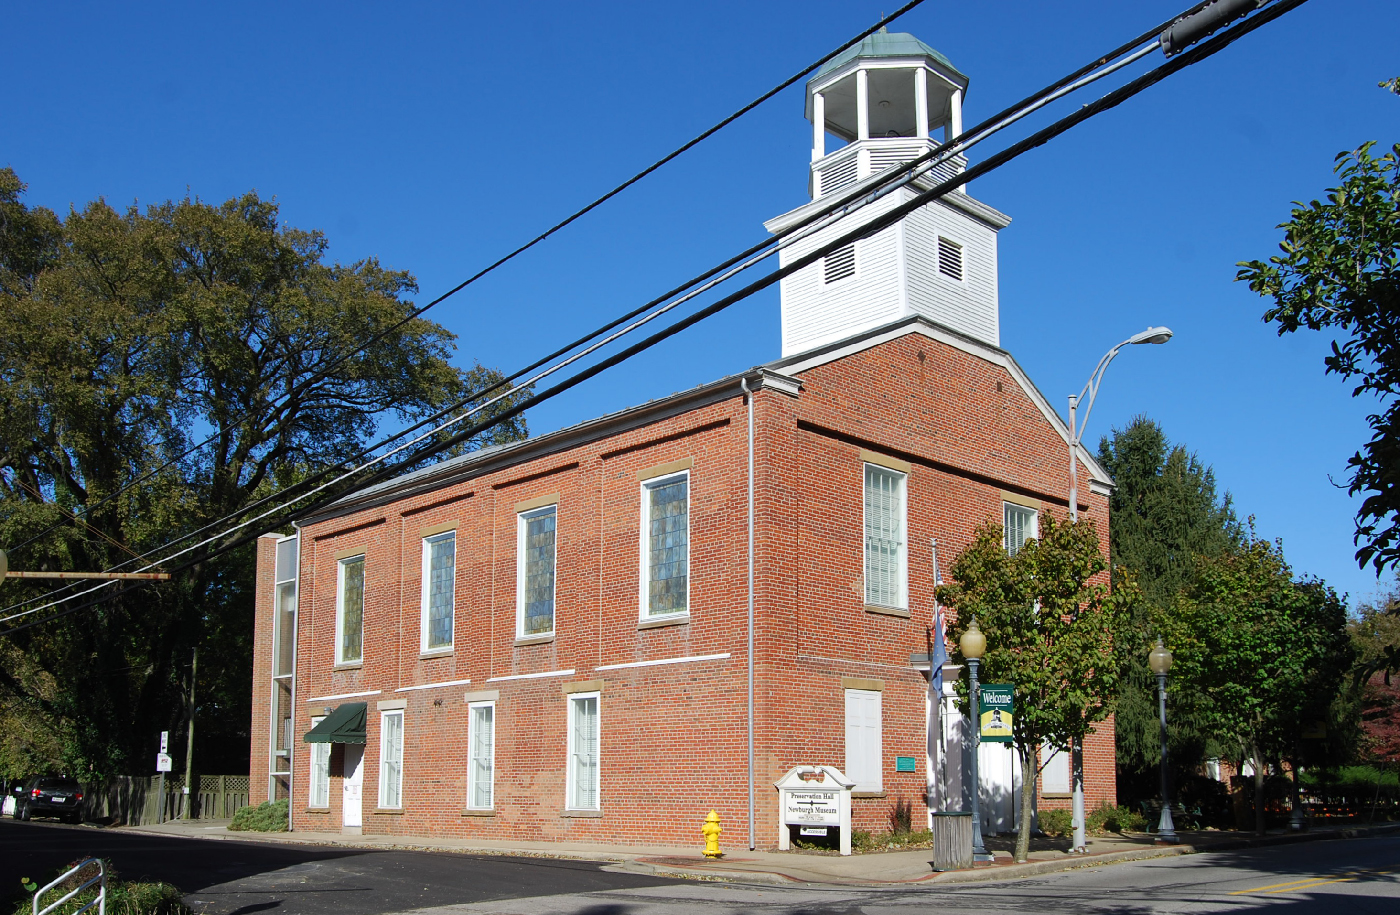 Preservation Hall, Newburgh